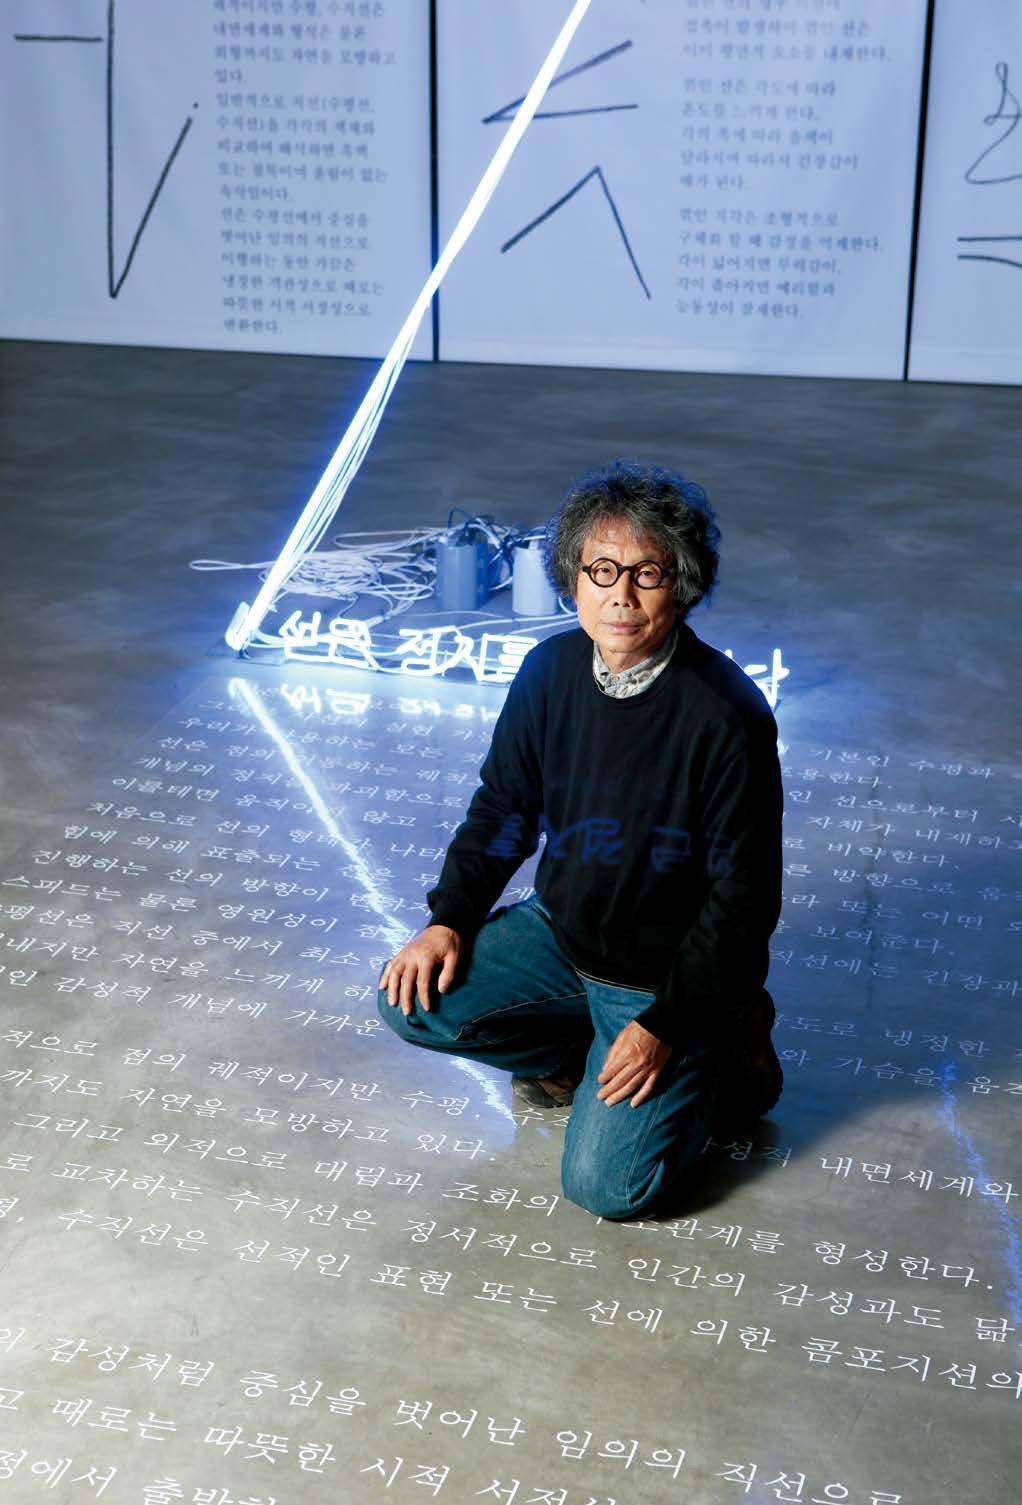 서울대미술관에서 열린 개인전(2009)에 출품한 〈 선은 정지를 파괴한다 〉(부분) 앞에 선 생전의 전수천